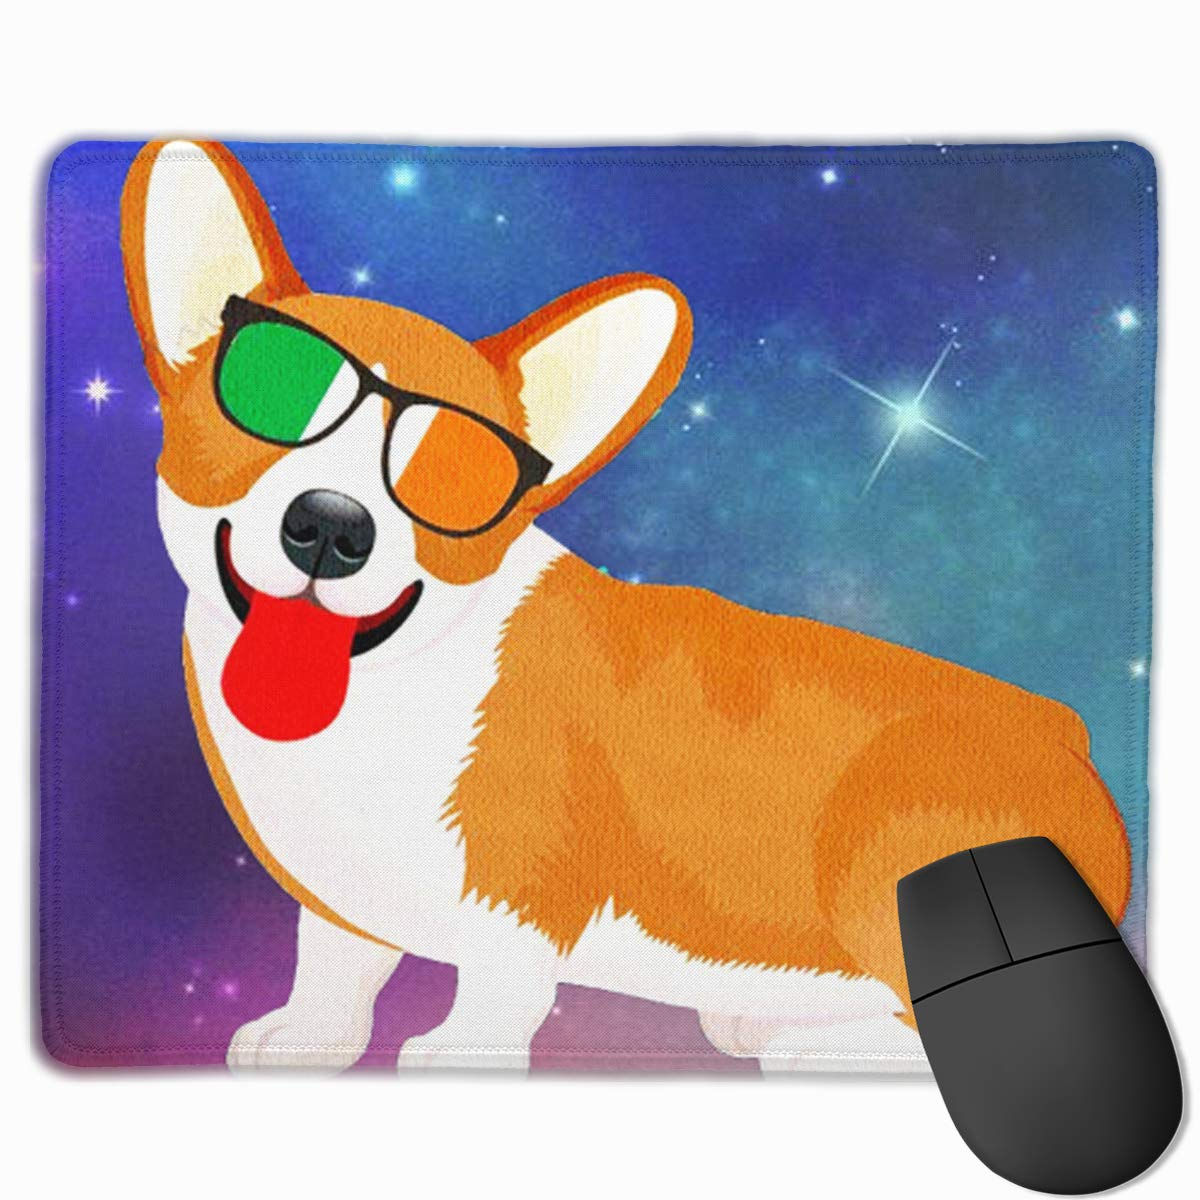 かわいいマウスパッド デザイン付き 面白い フレンチブルドッグ ヨガ エグゼール コンピュータ用 11.8x9.8x0.09インチ 11.8x9.8x0.09 B07LBLPBZ1 色3 11.8x9.8x0.09 11.8x9.8x0.09 色3